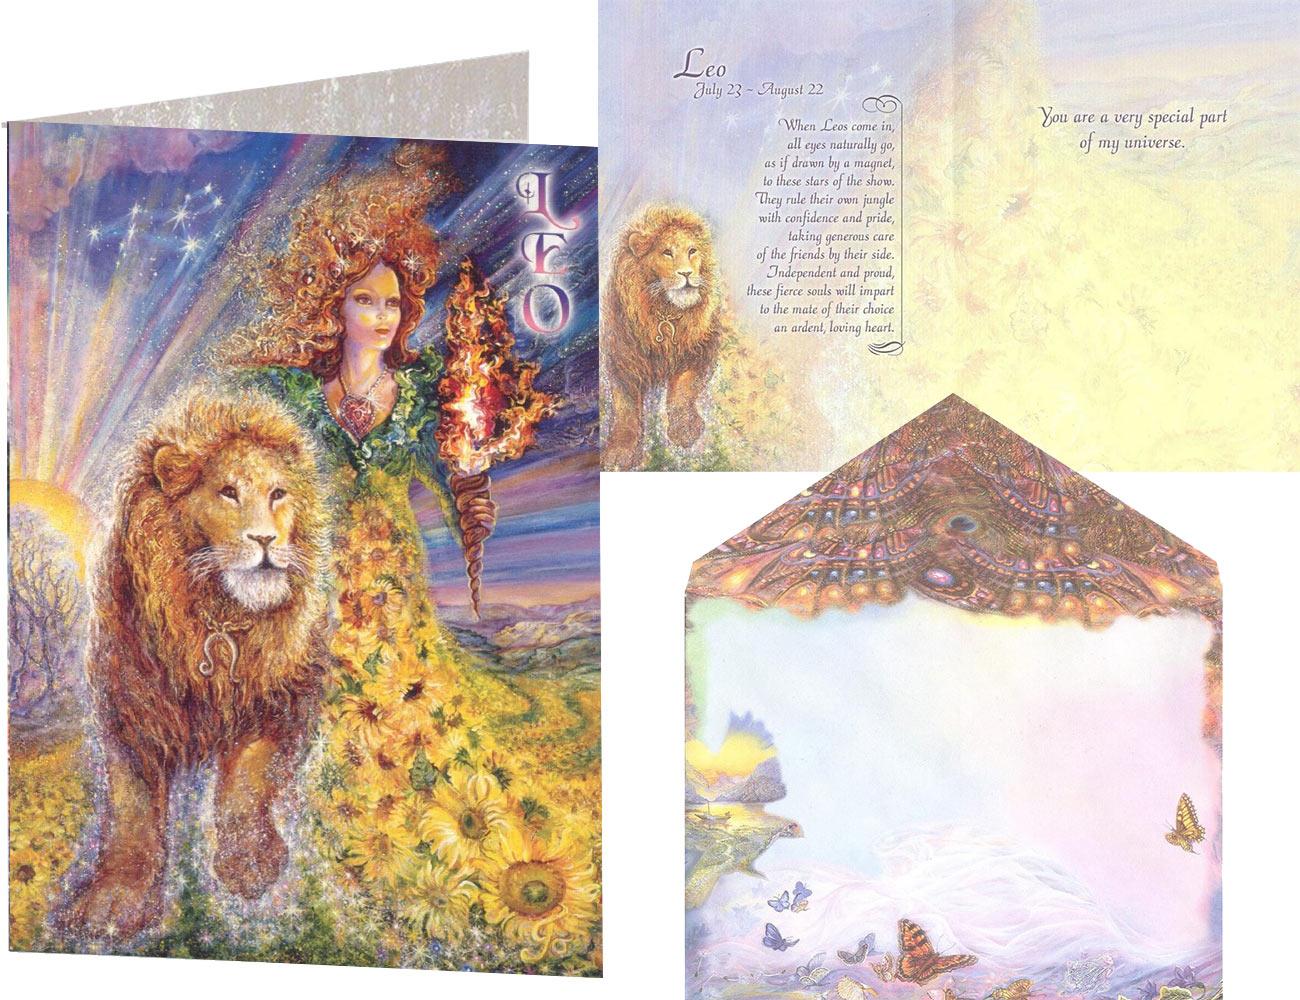 Leo Zodiac card by Josephine Wall